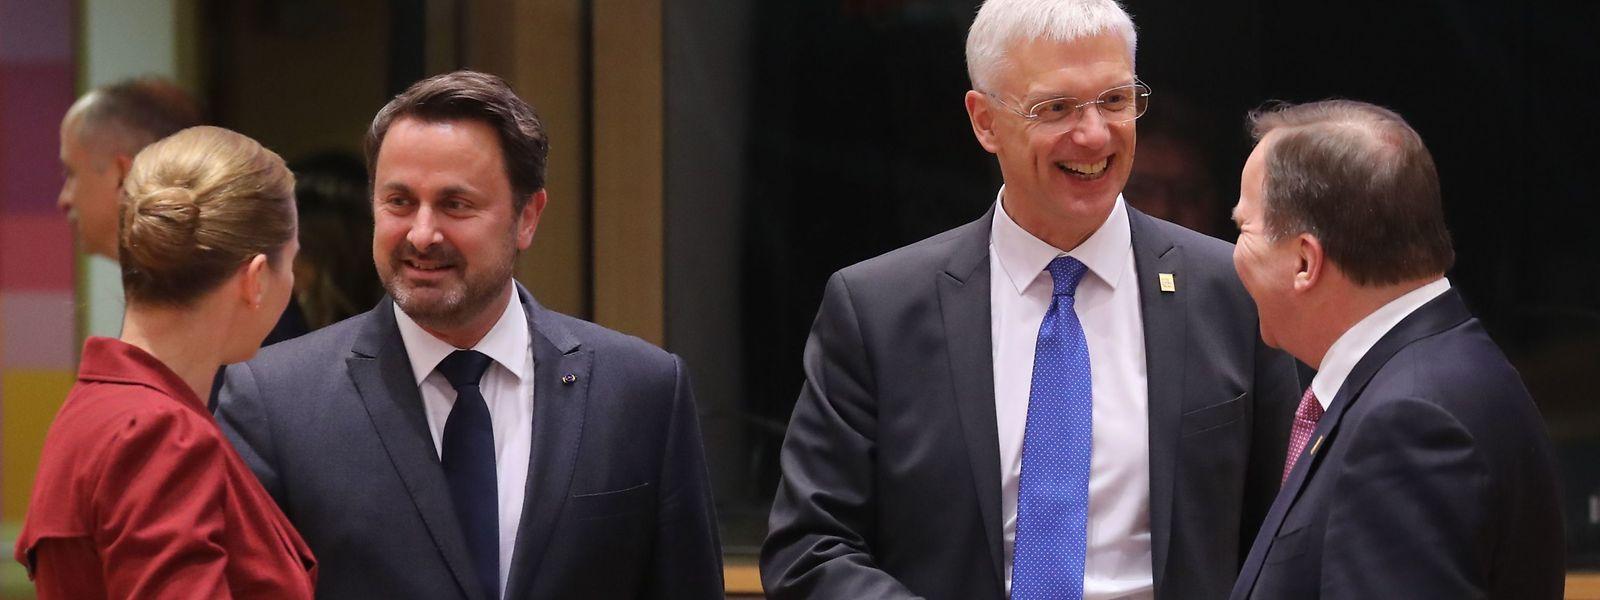 (V.l.n.r.) Dänemarks Premierministerin Mette Frederiksen, Luxemburgs Premierminister Xavier Bettel, Lettlands Premierminister Krisjanis Karins und Schwedens Premierminister Stefan Lofven.